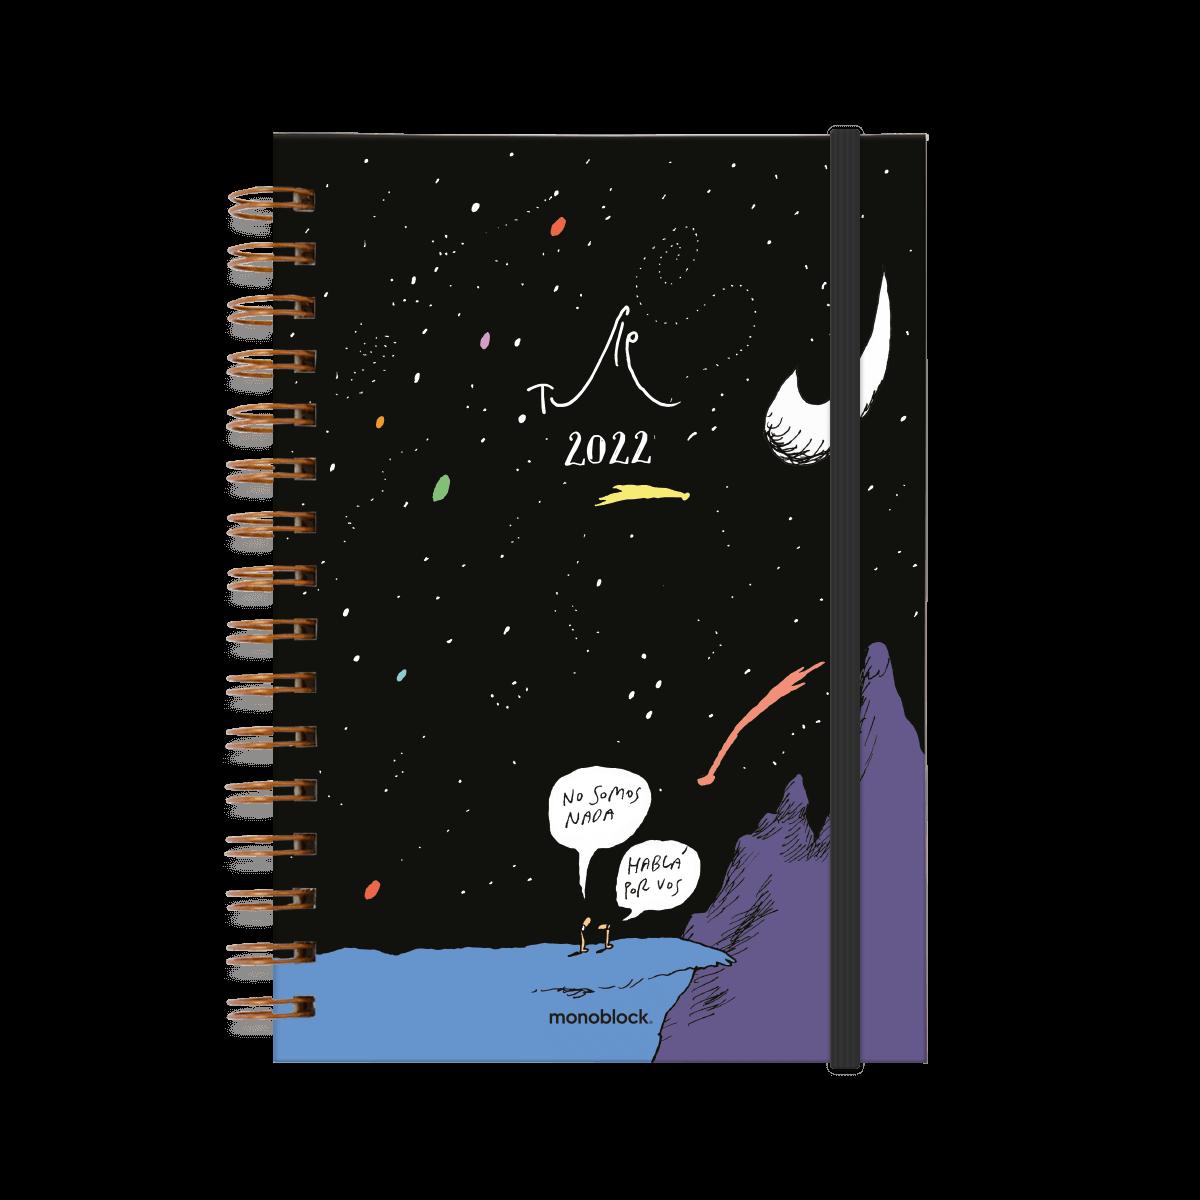 """Agenda 2022 ilustrada por Tute. En la tapa se ven dos personas mirando un cielo estrellado. Una dice """"No somos nada"""" y la otra contesta """"hablá por vos"""""""